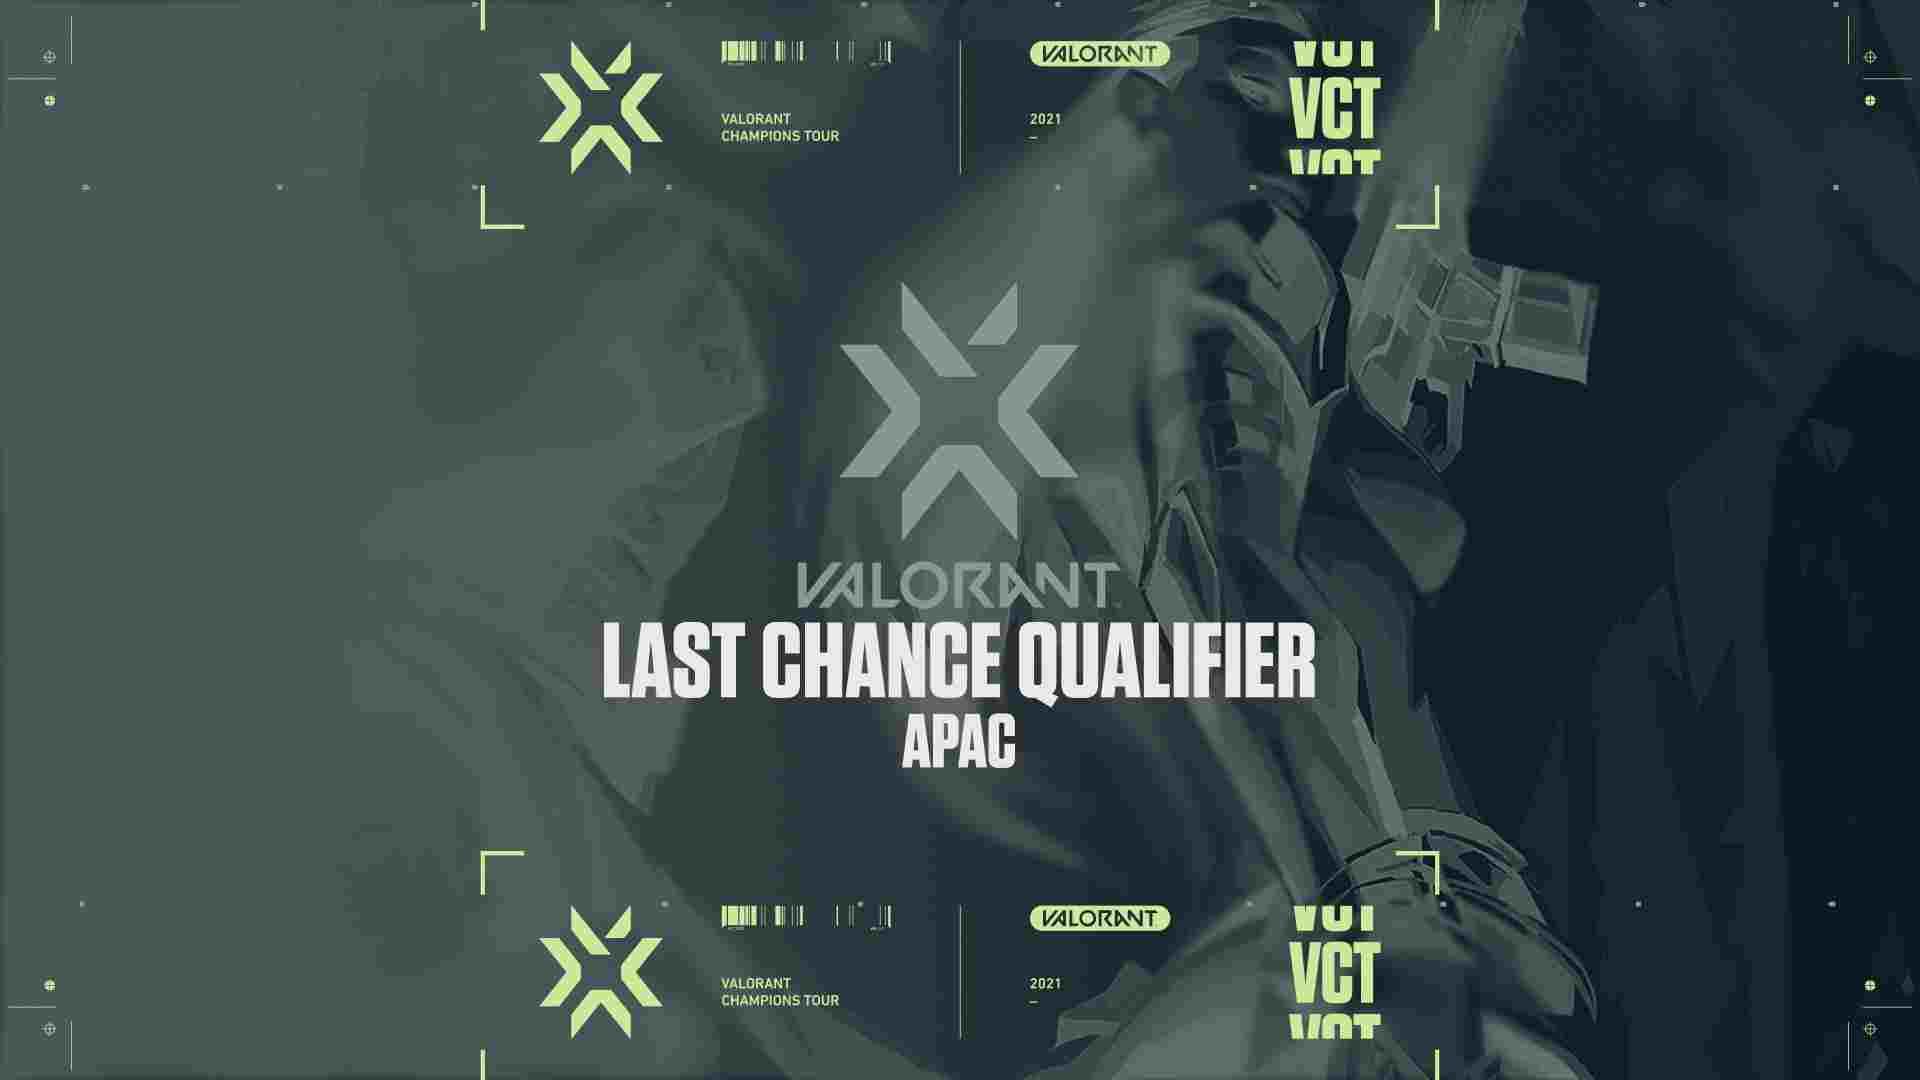 Valorant Last Chance Qualifie